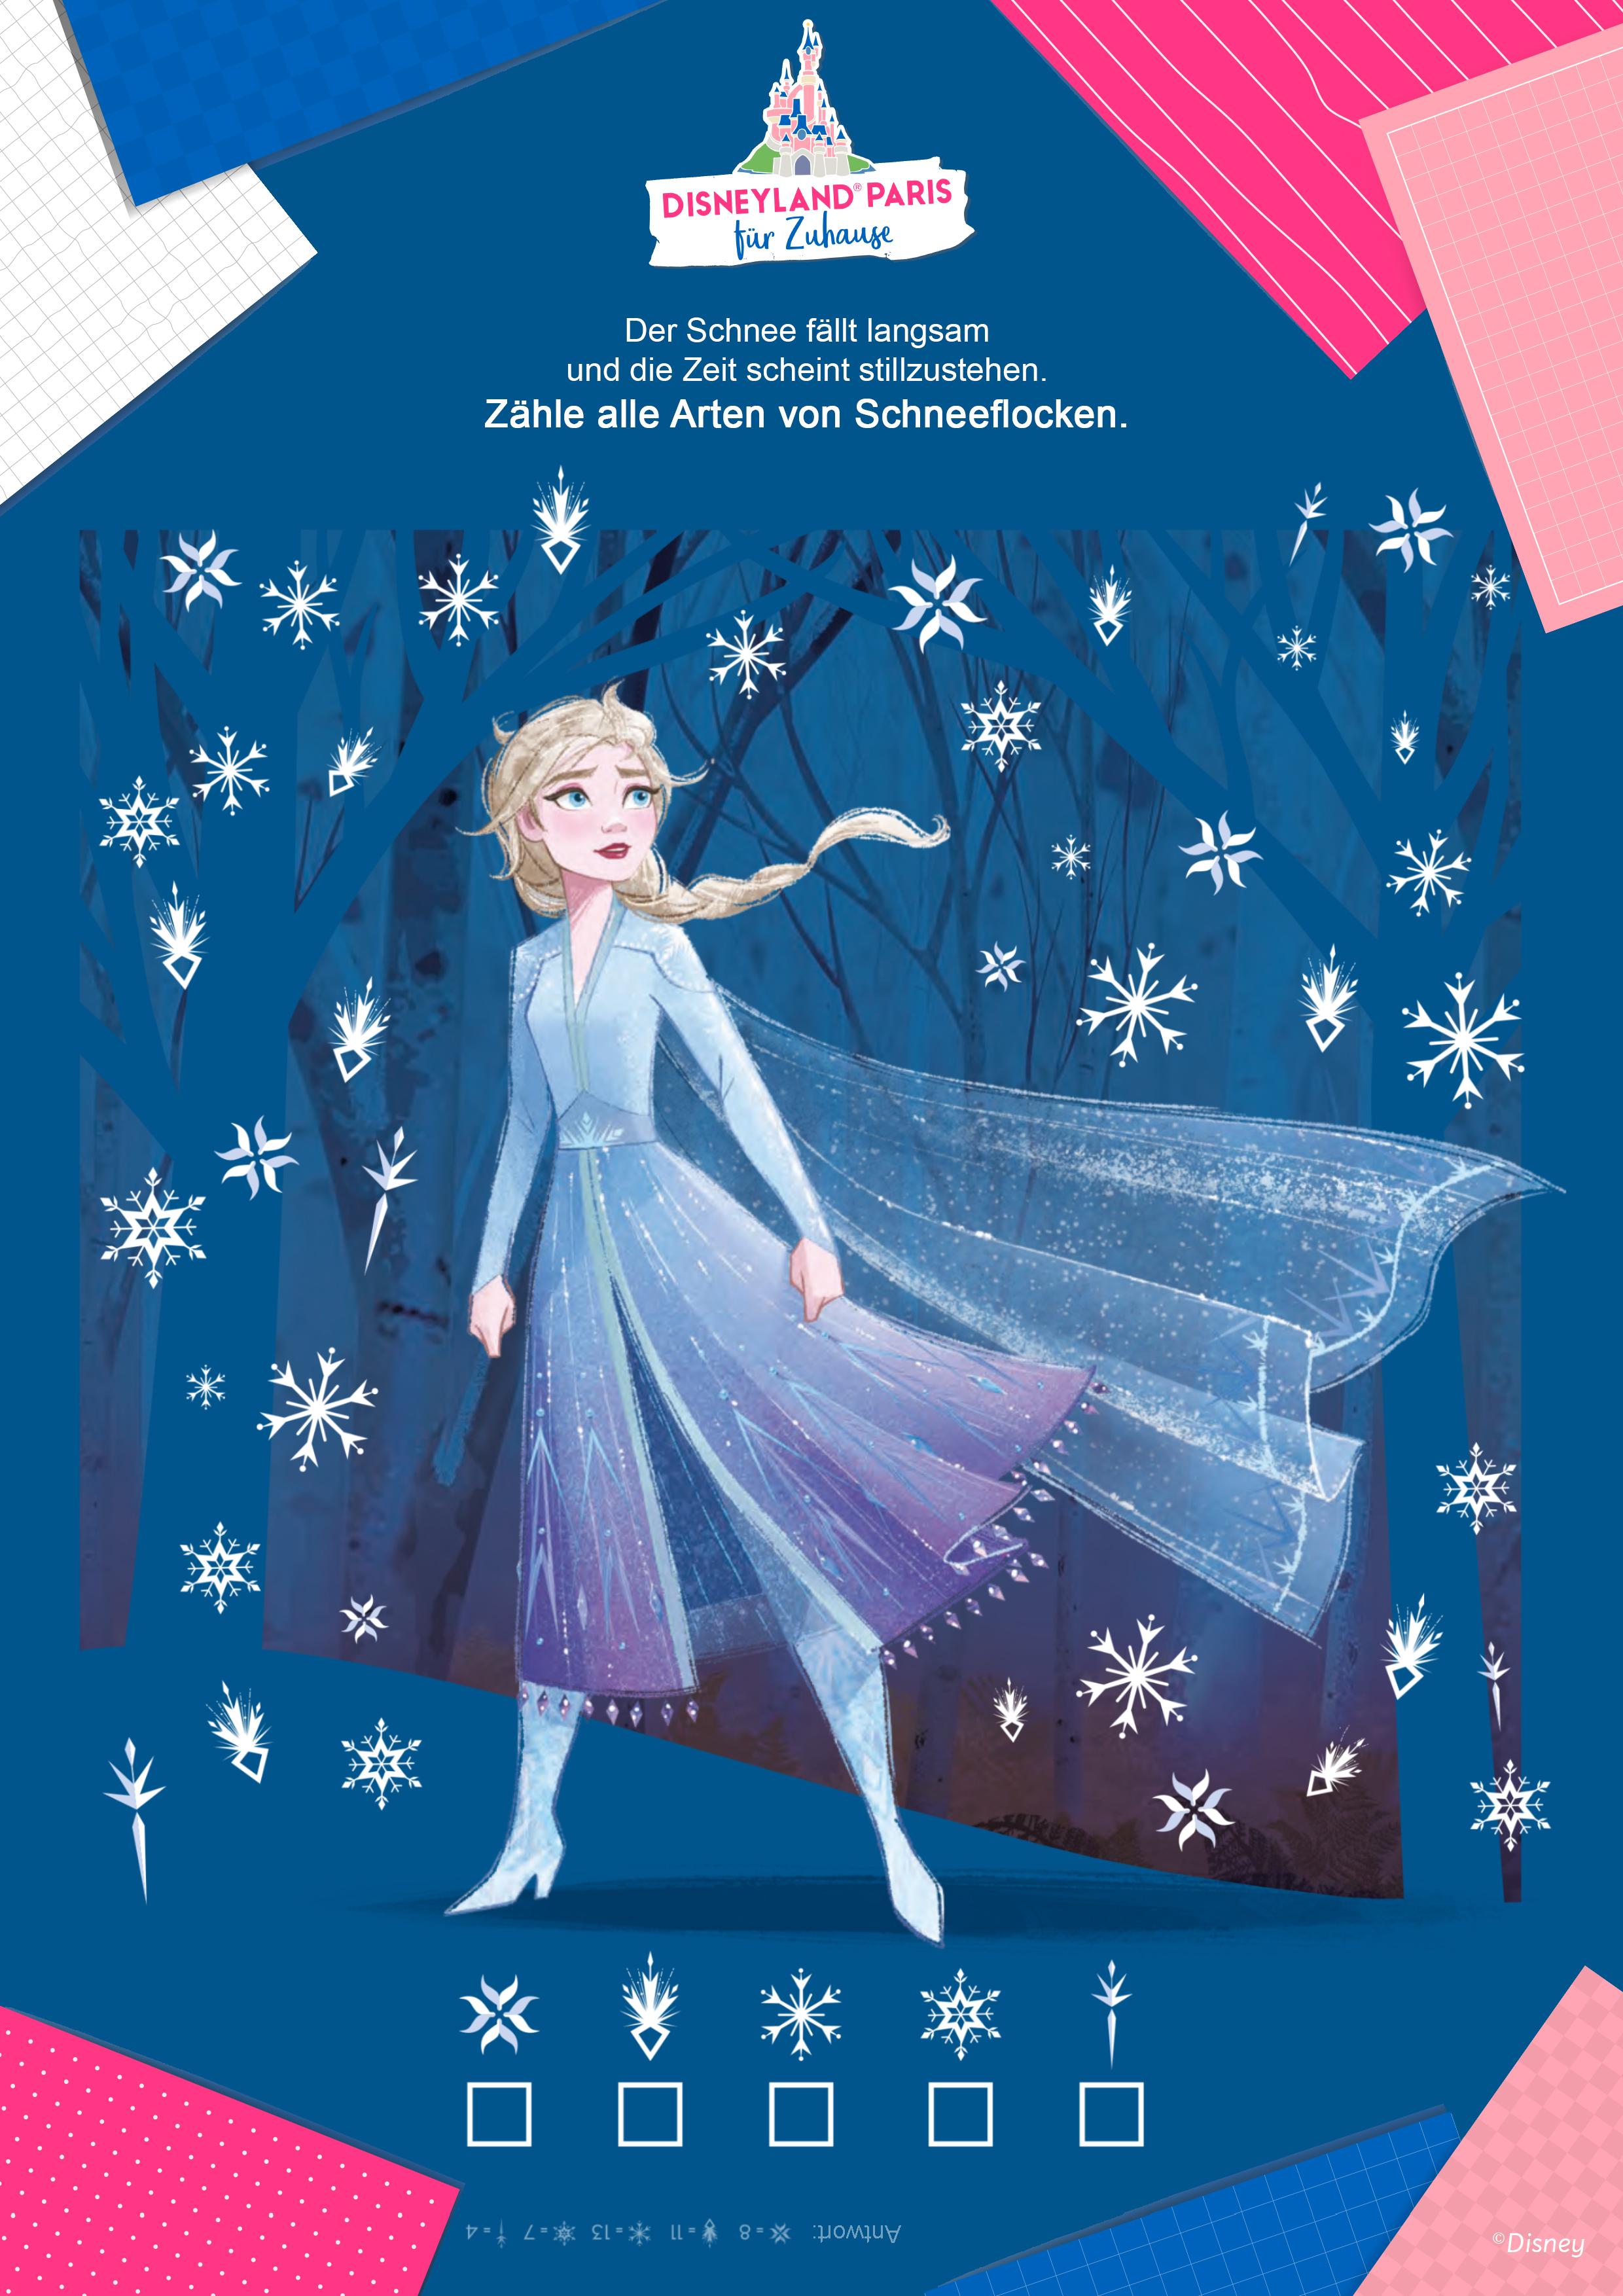 Zähle die Schneeflocken mit Elsa